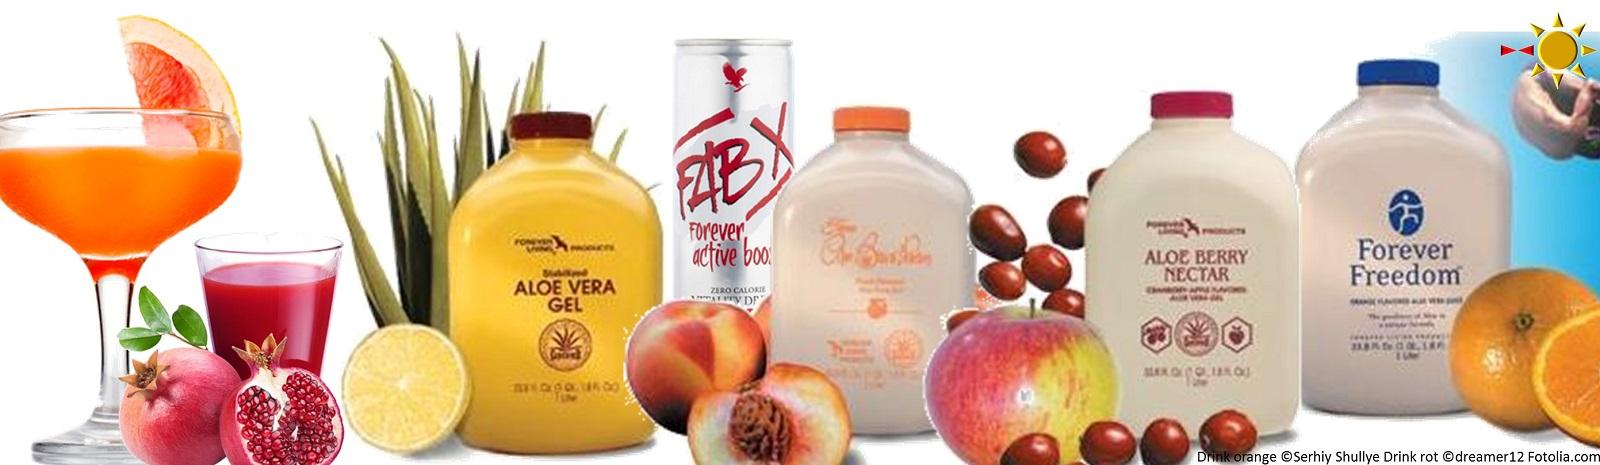 Aloe Veras Forever Drinks